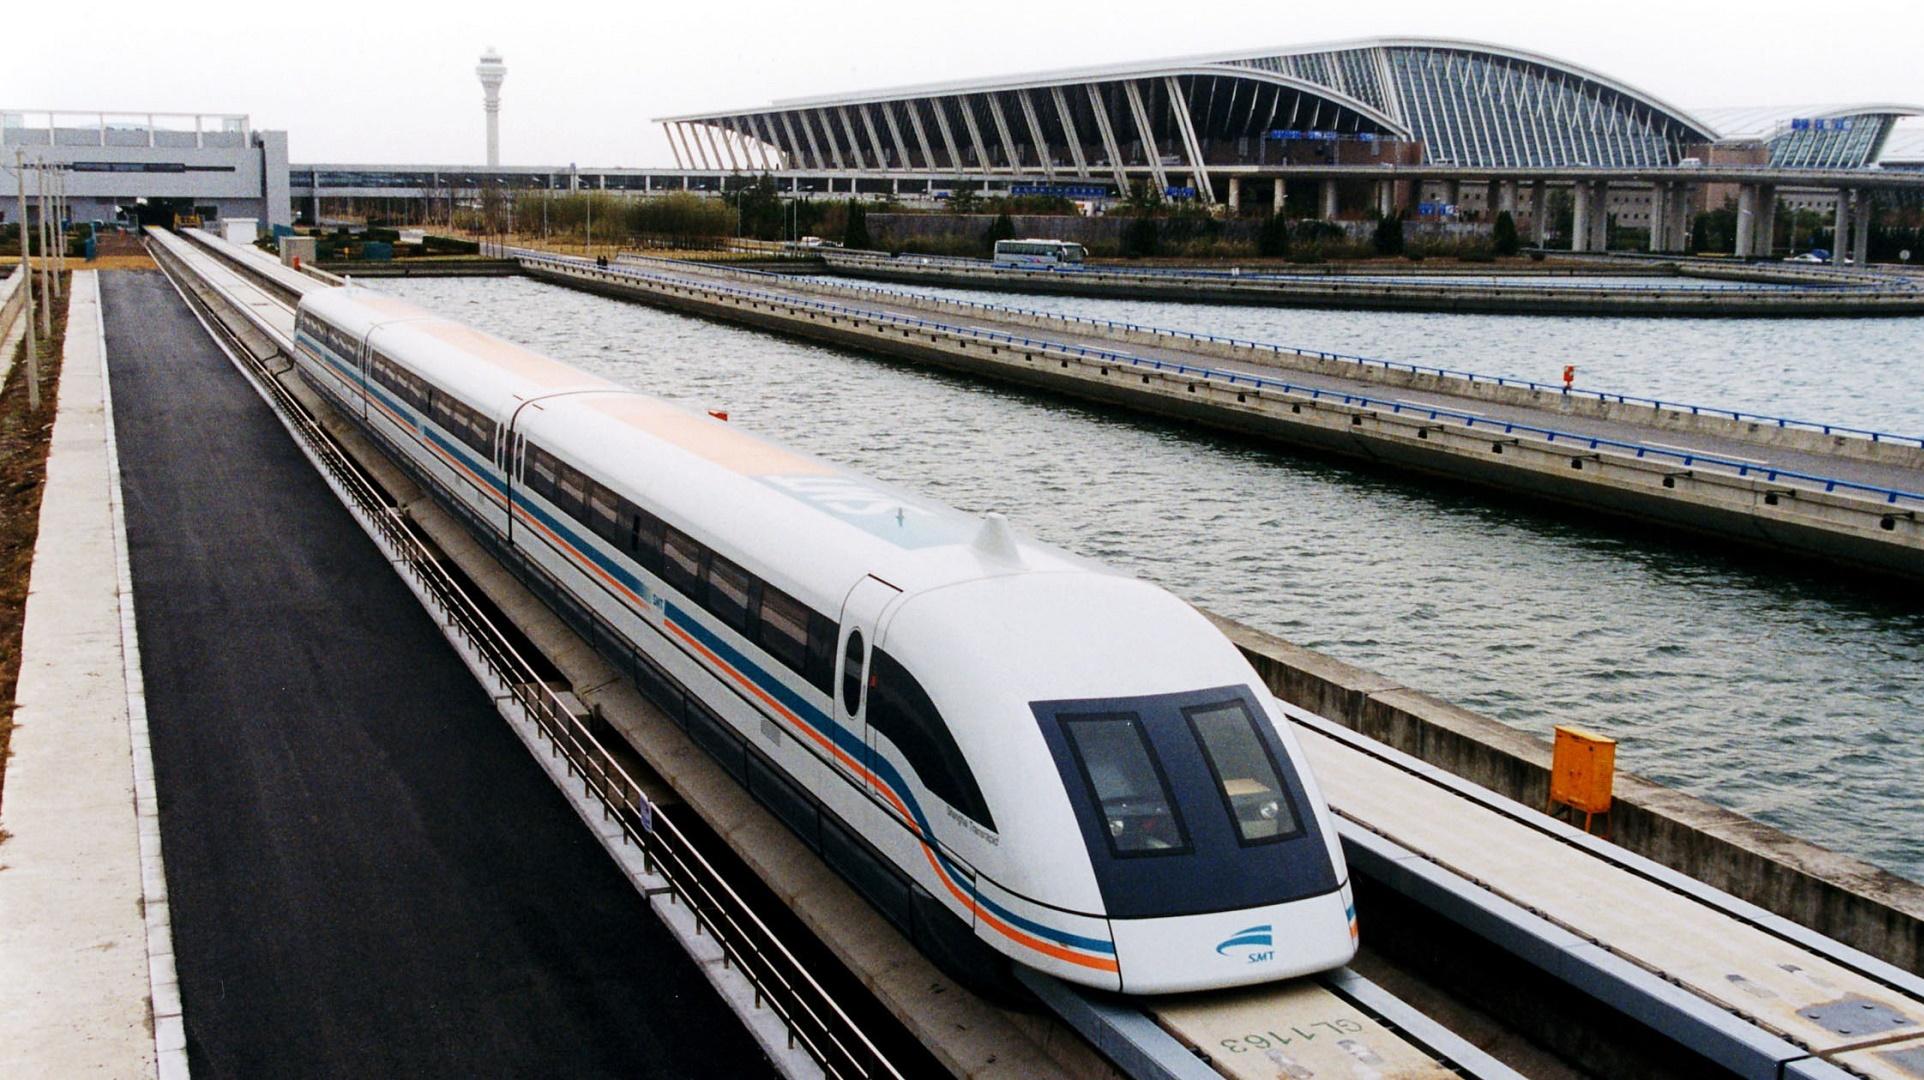 China quiere desarrollar maglev con la máxima velocidad probada: 600 Km/h